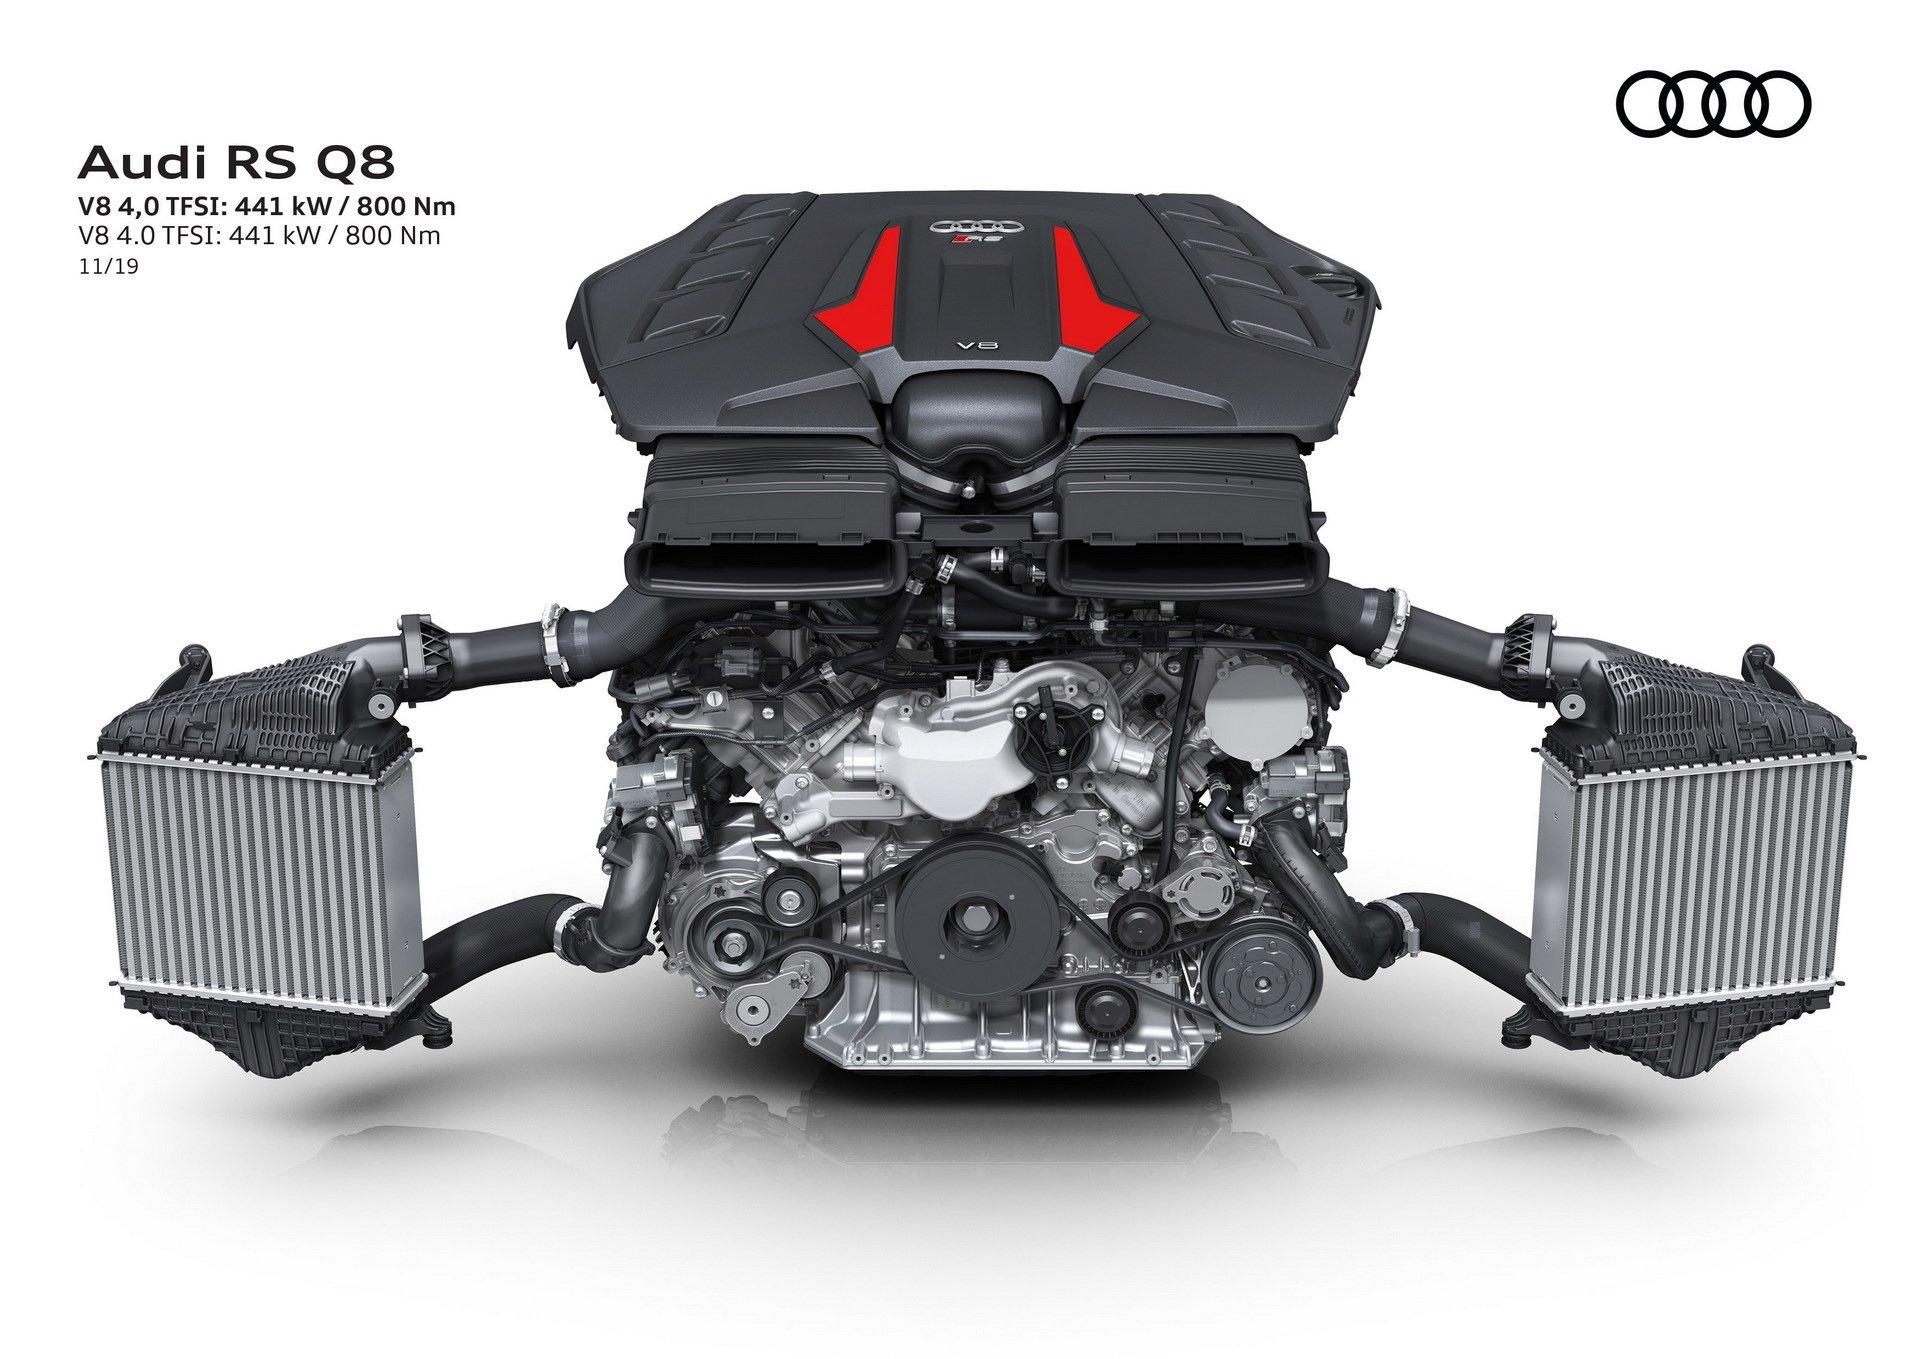 Audi-RS-Q8-79-1